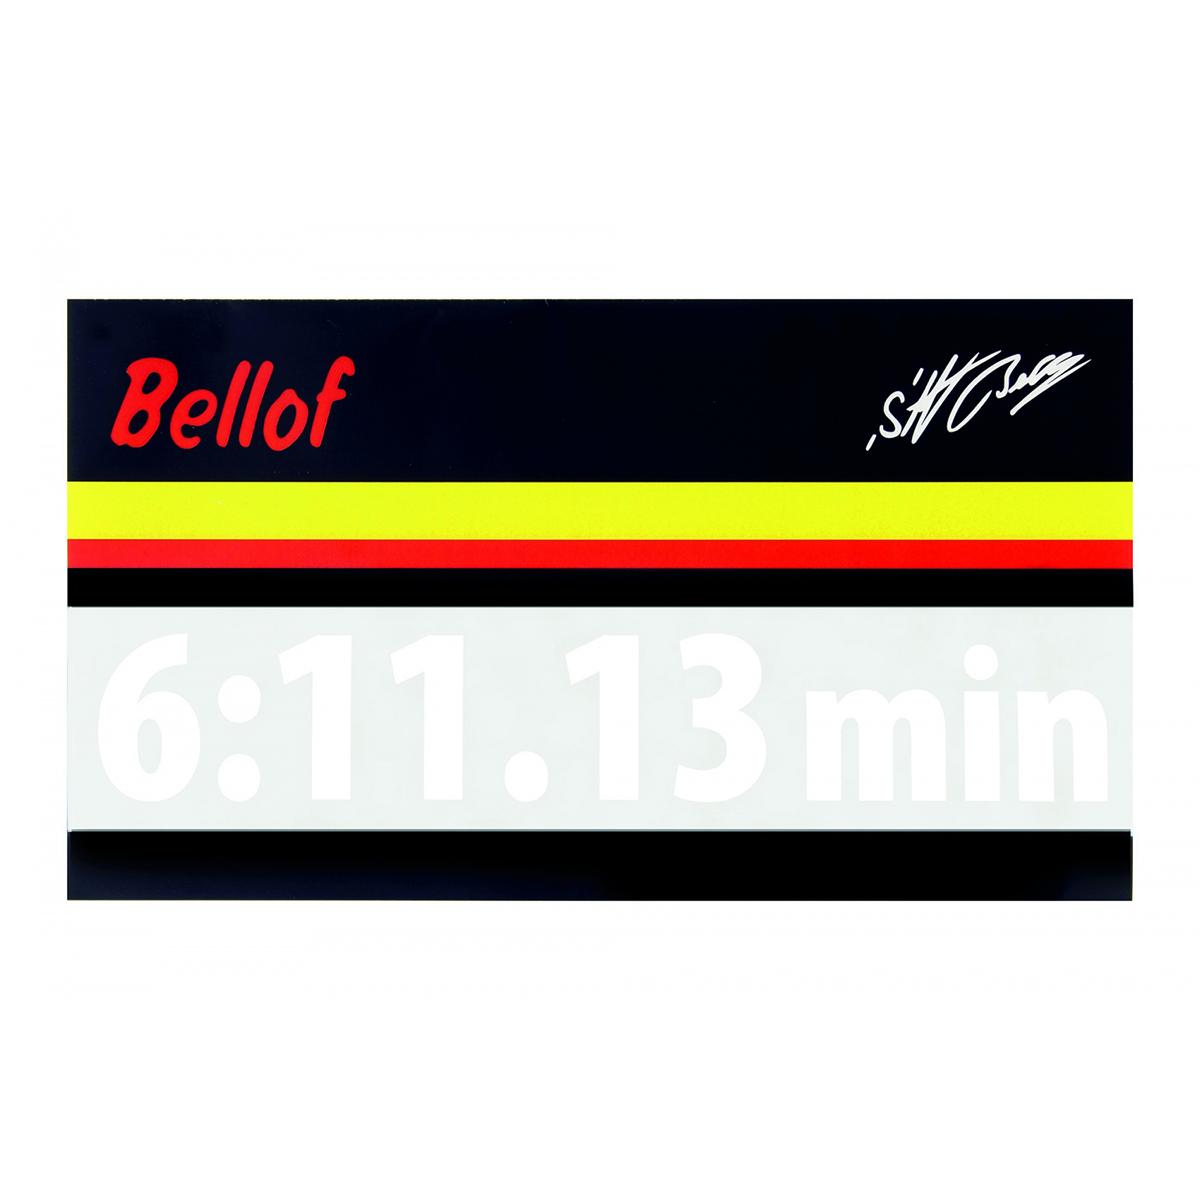 stefan-bellof-aufkleber-rekordrunde-6-1113-min-weiss-120-x-25-mm